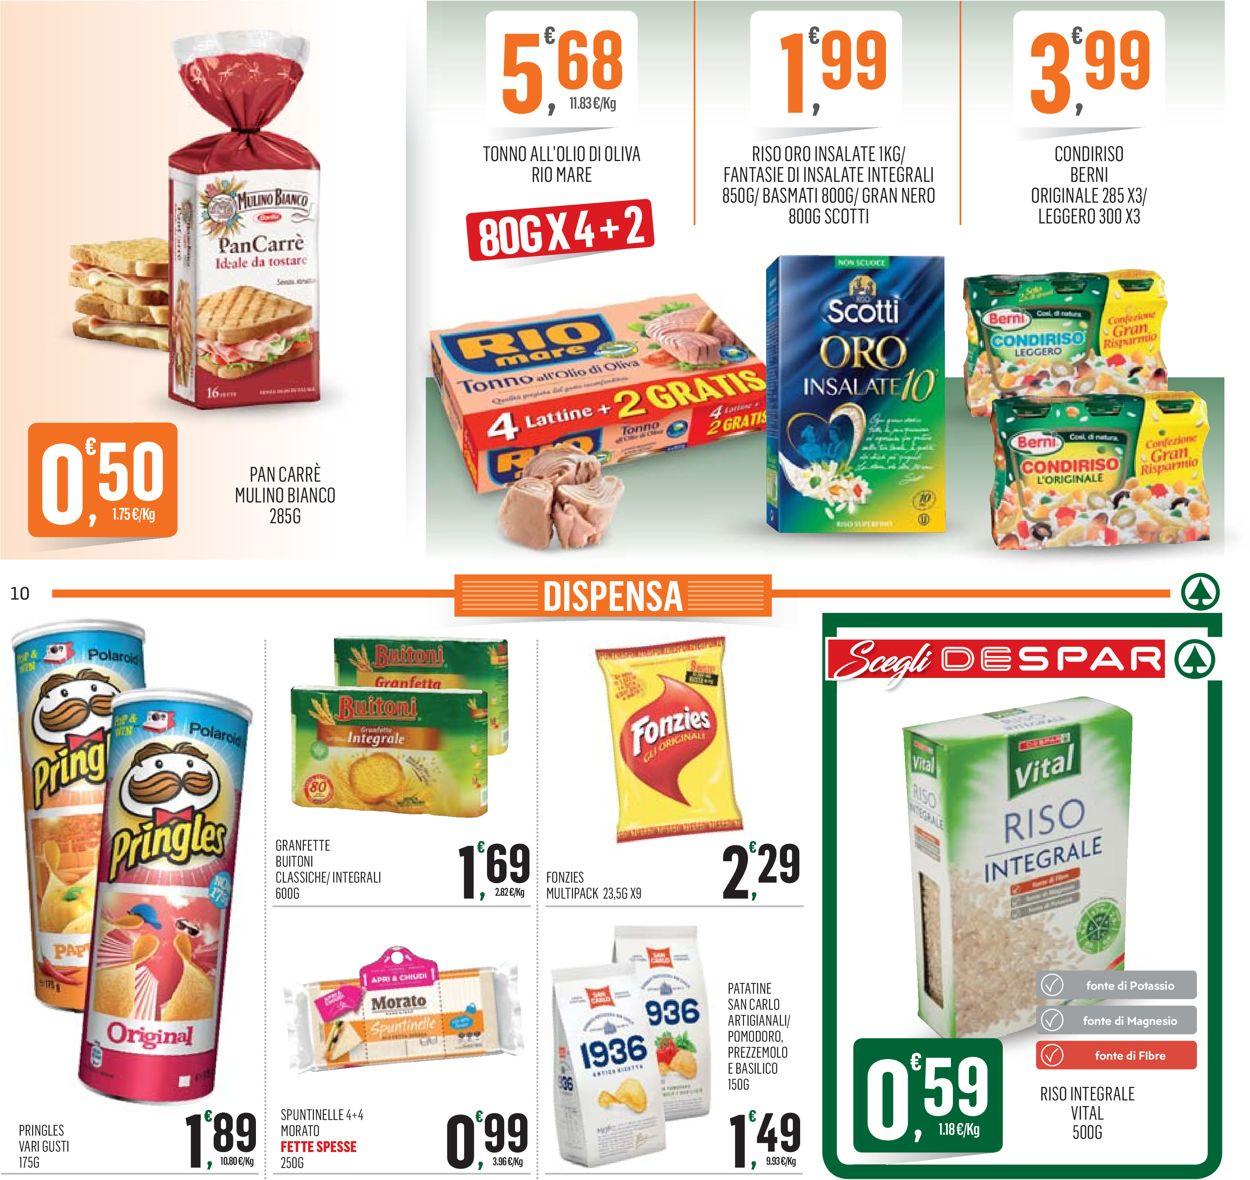 Volantino Despar - Offerte 05/08-16/08/2020 (Pagina 10)